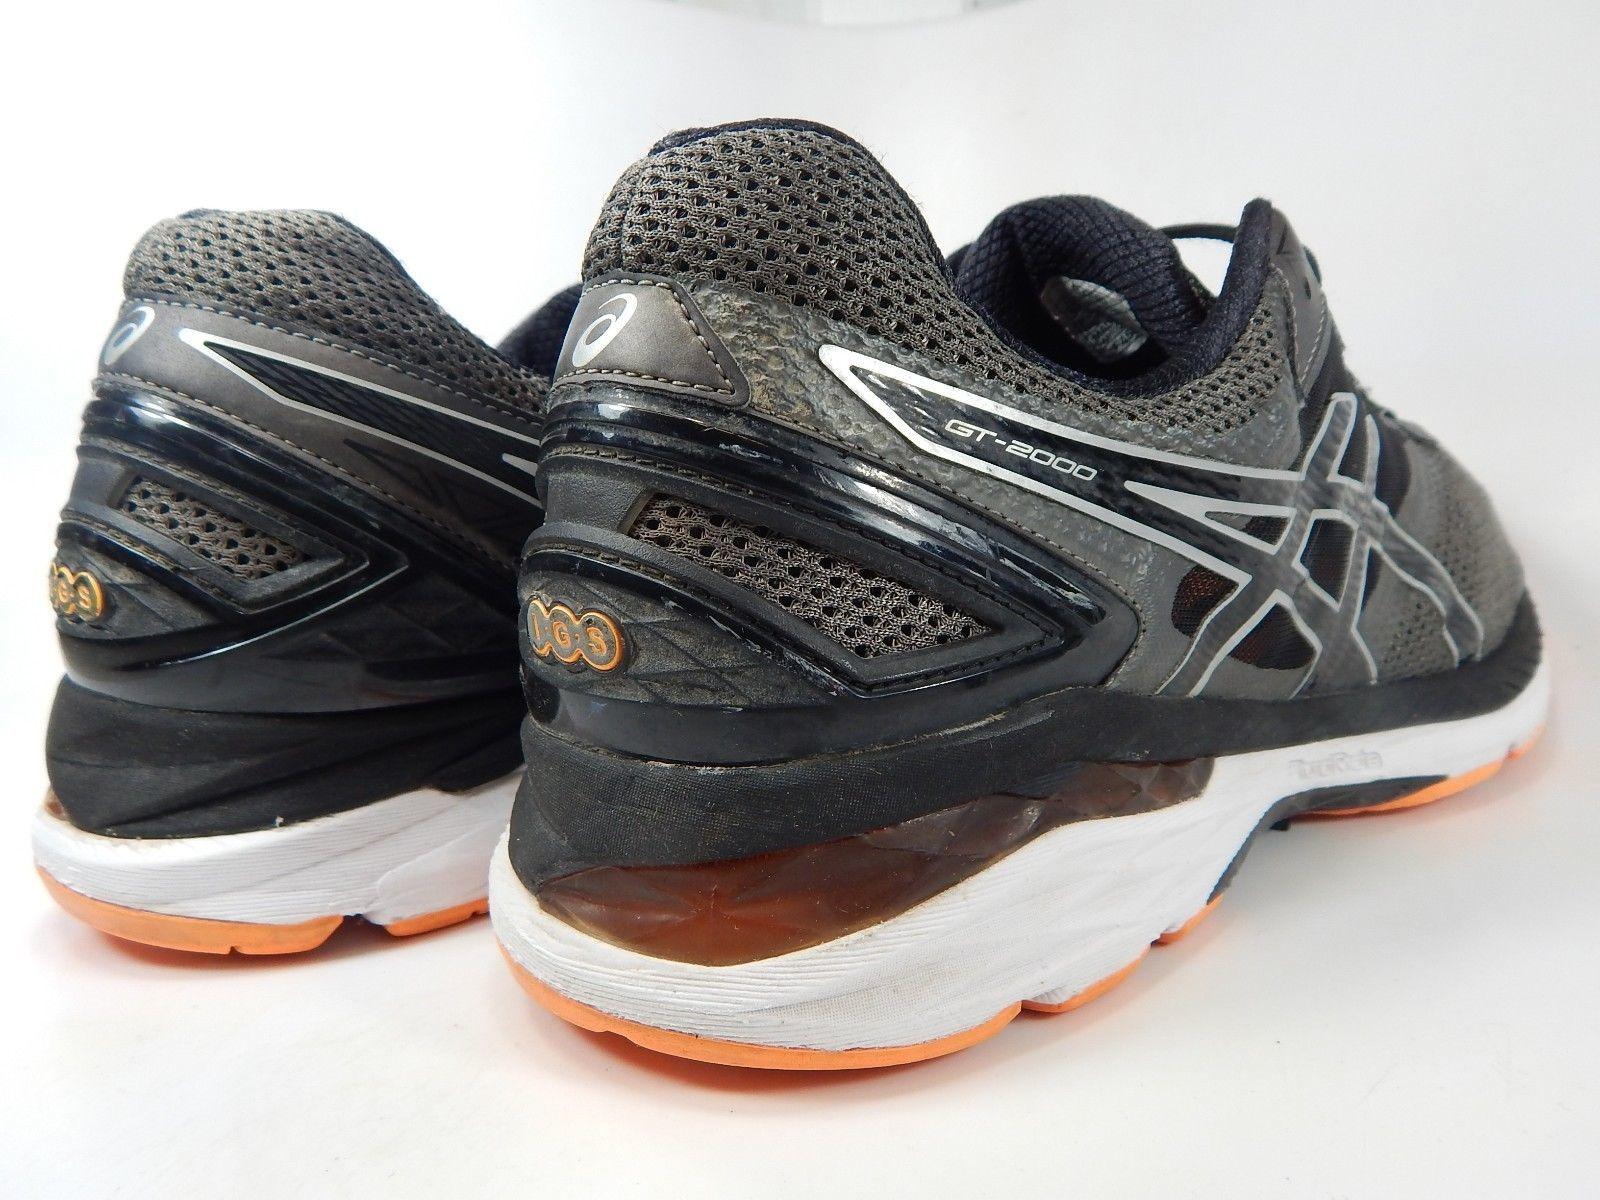 Asics GT 2000 v 4 Size US 13 M (D) EU 48 Men's Running Shoes Gray Orange T606N